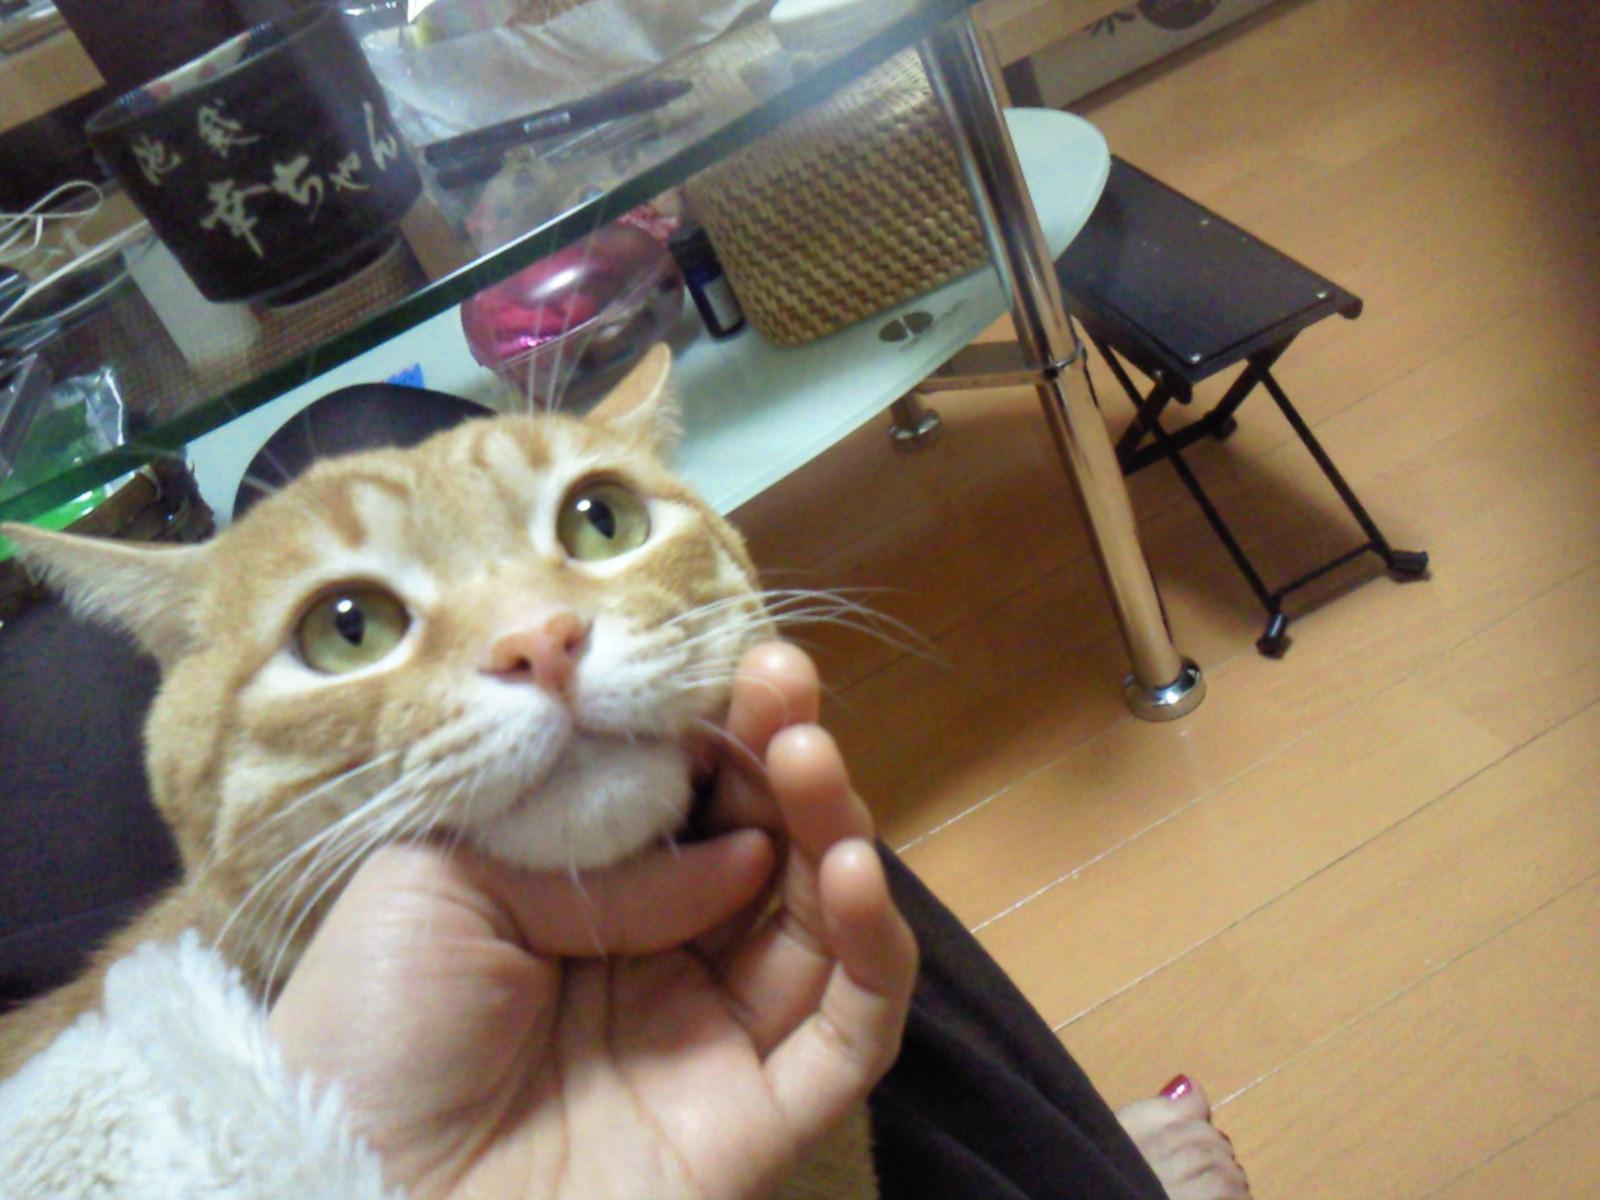 ホットペッパーありがとうございました。今日はアジアカフェです。_f0178313_1454275.jpg